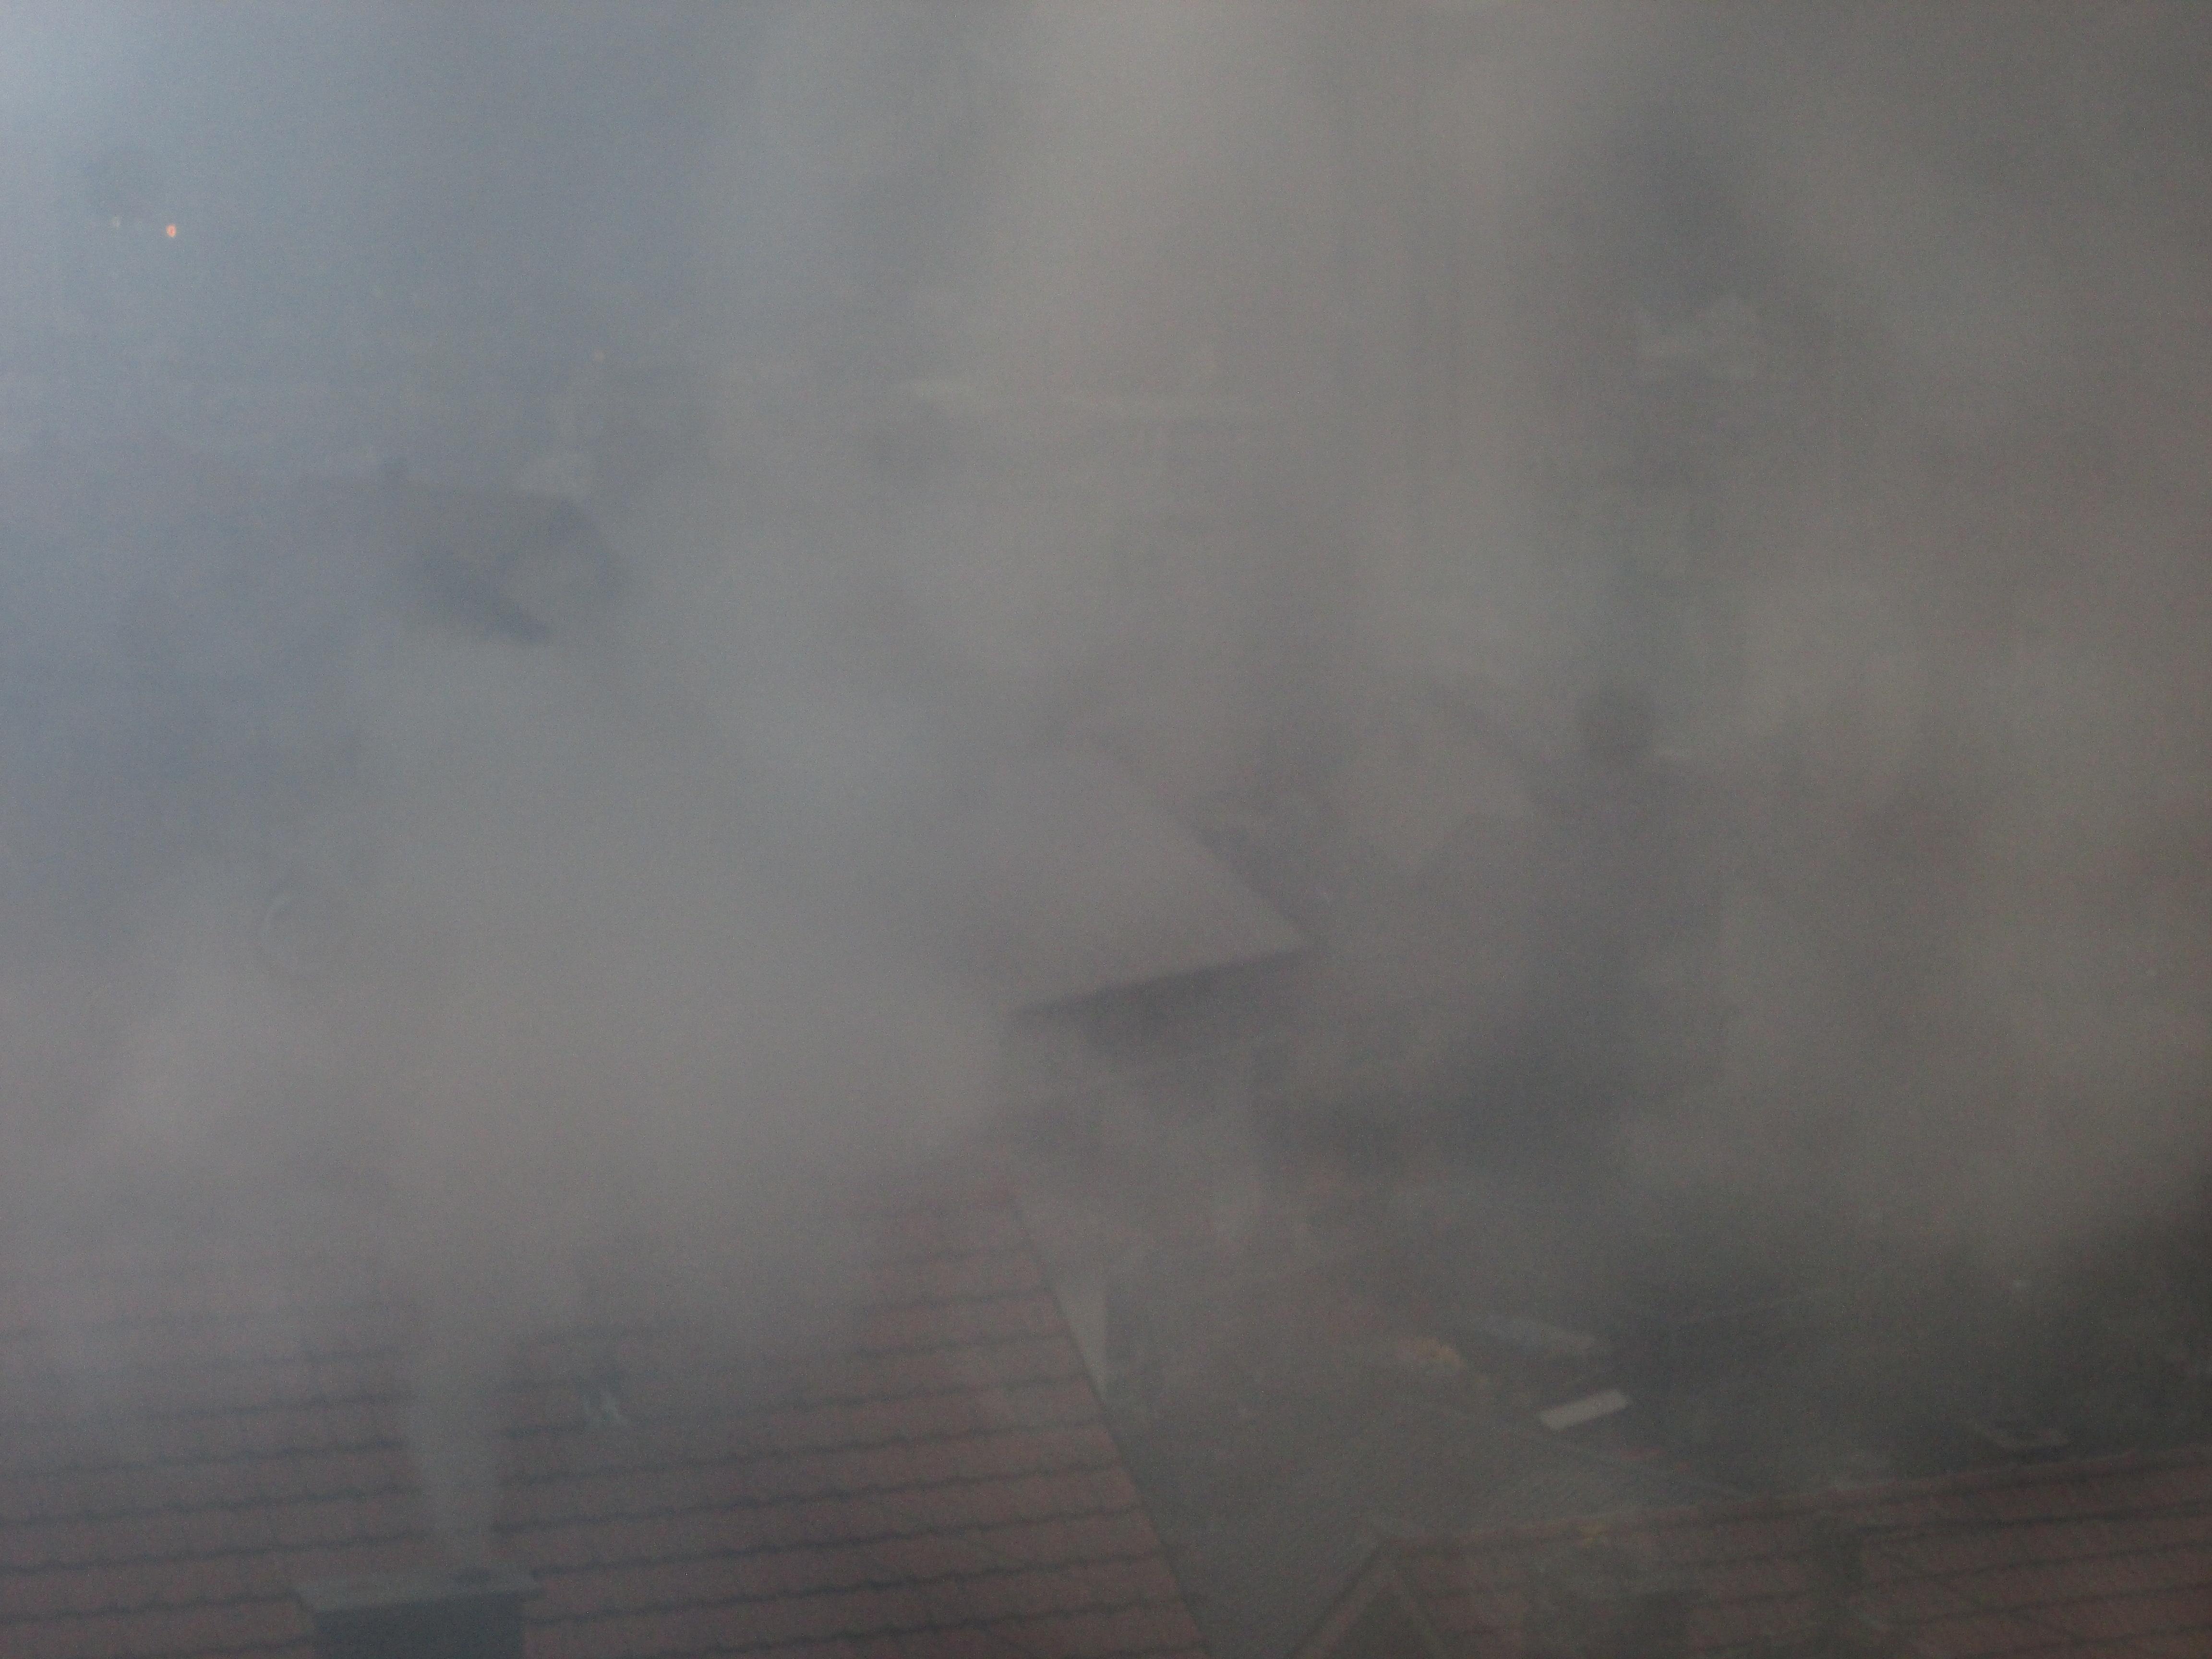 visok smog